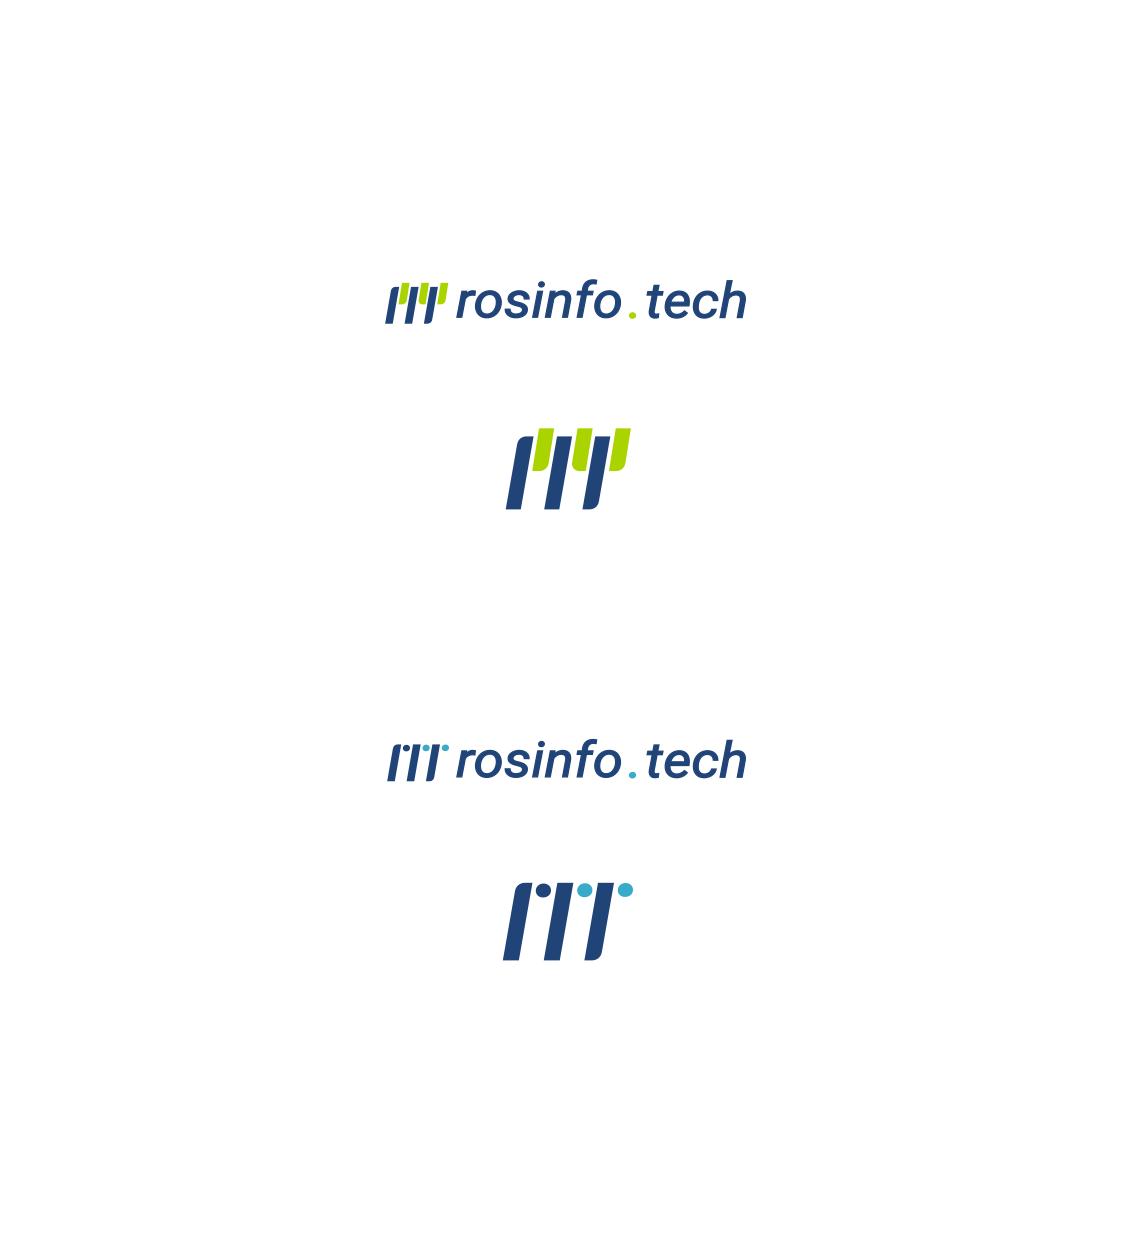 Разработка пакета айдентики rosinfo.tech фото f_4275e29a2b72a0da.png